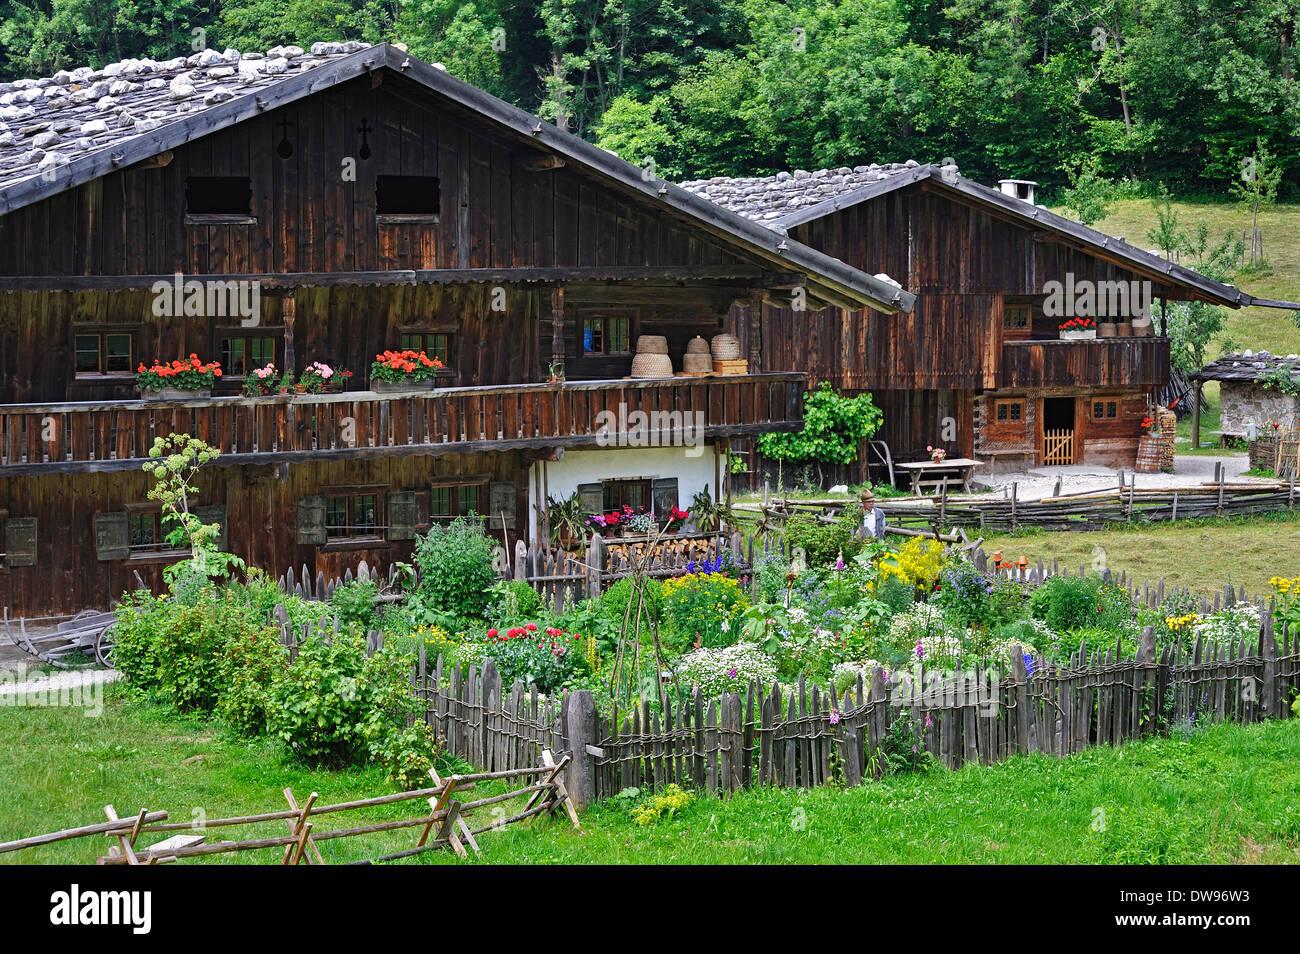 Deux fermes avec un agriculteur à Markus Wasmeier Farm et musée des sports d'hiver, Neuhaus, Schliersee, Haute-Bavière, Bavière Photo Stock